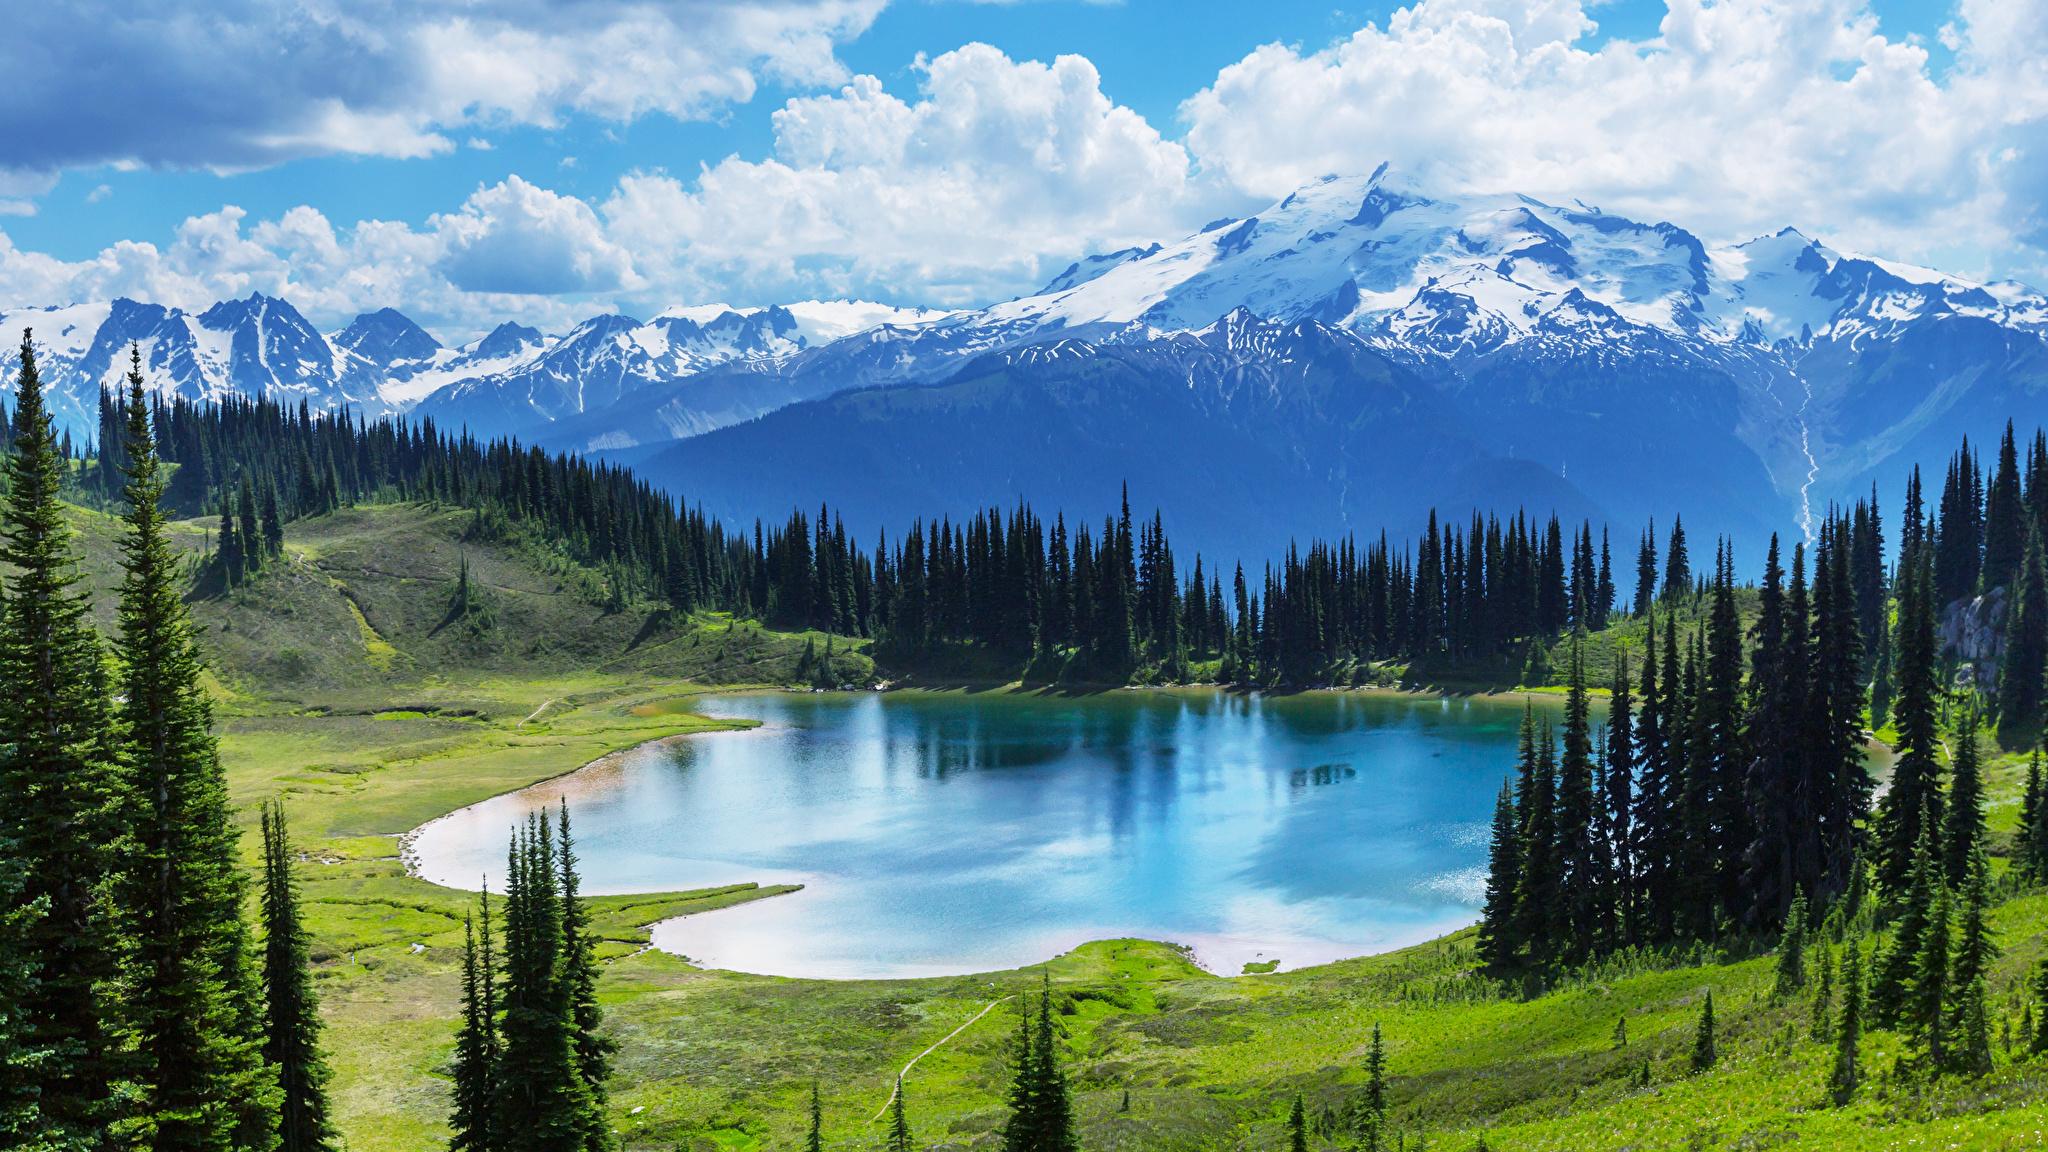 горы, небо, озеро, деревья смотреть